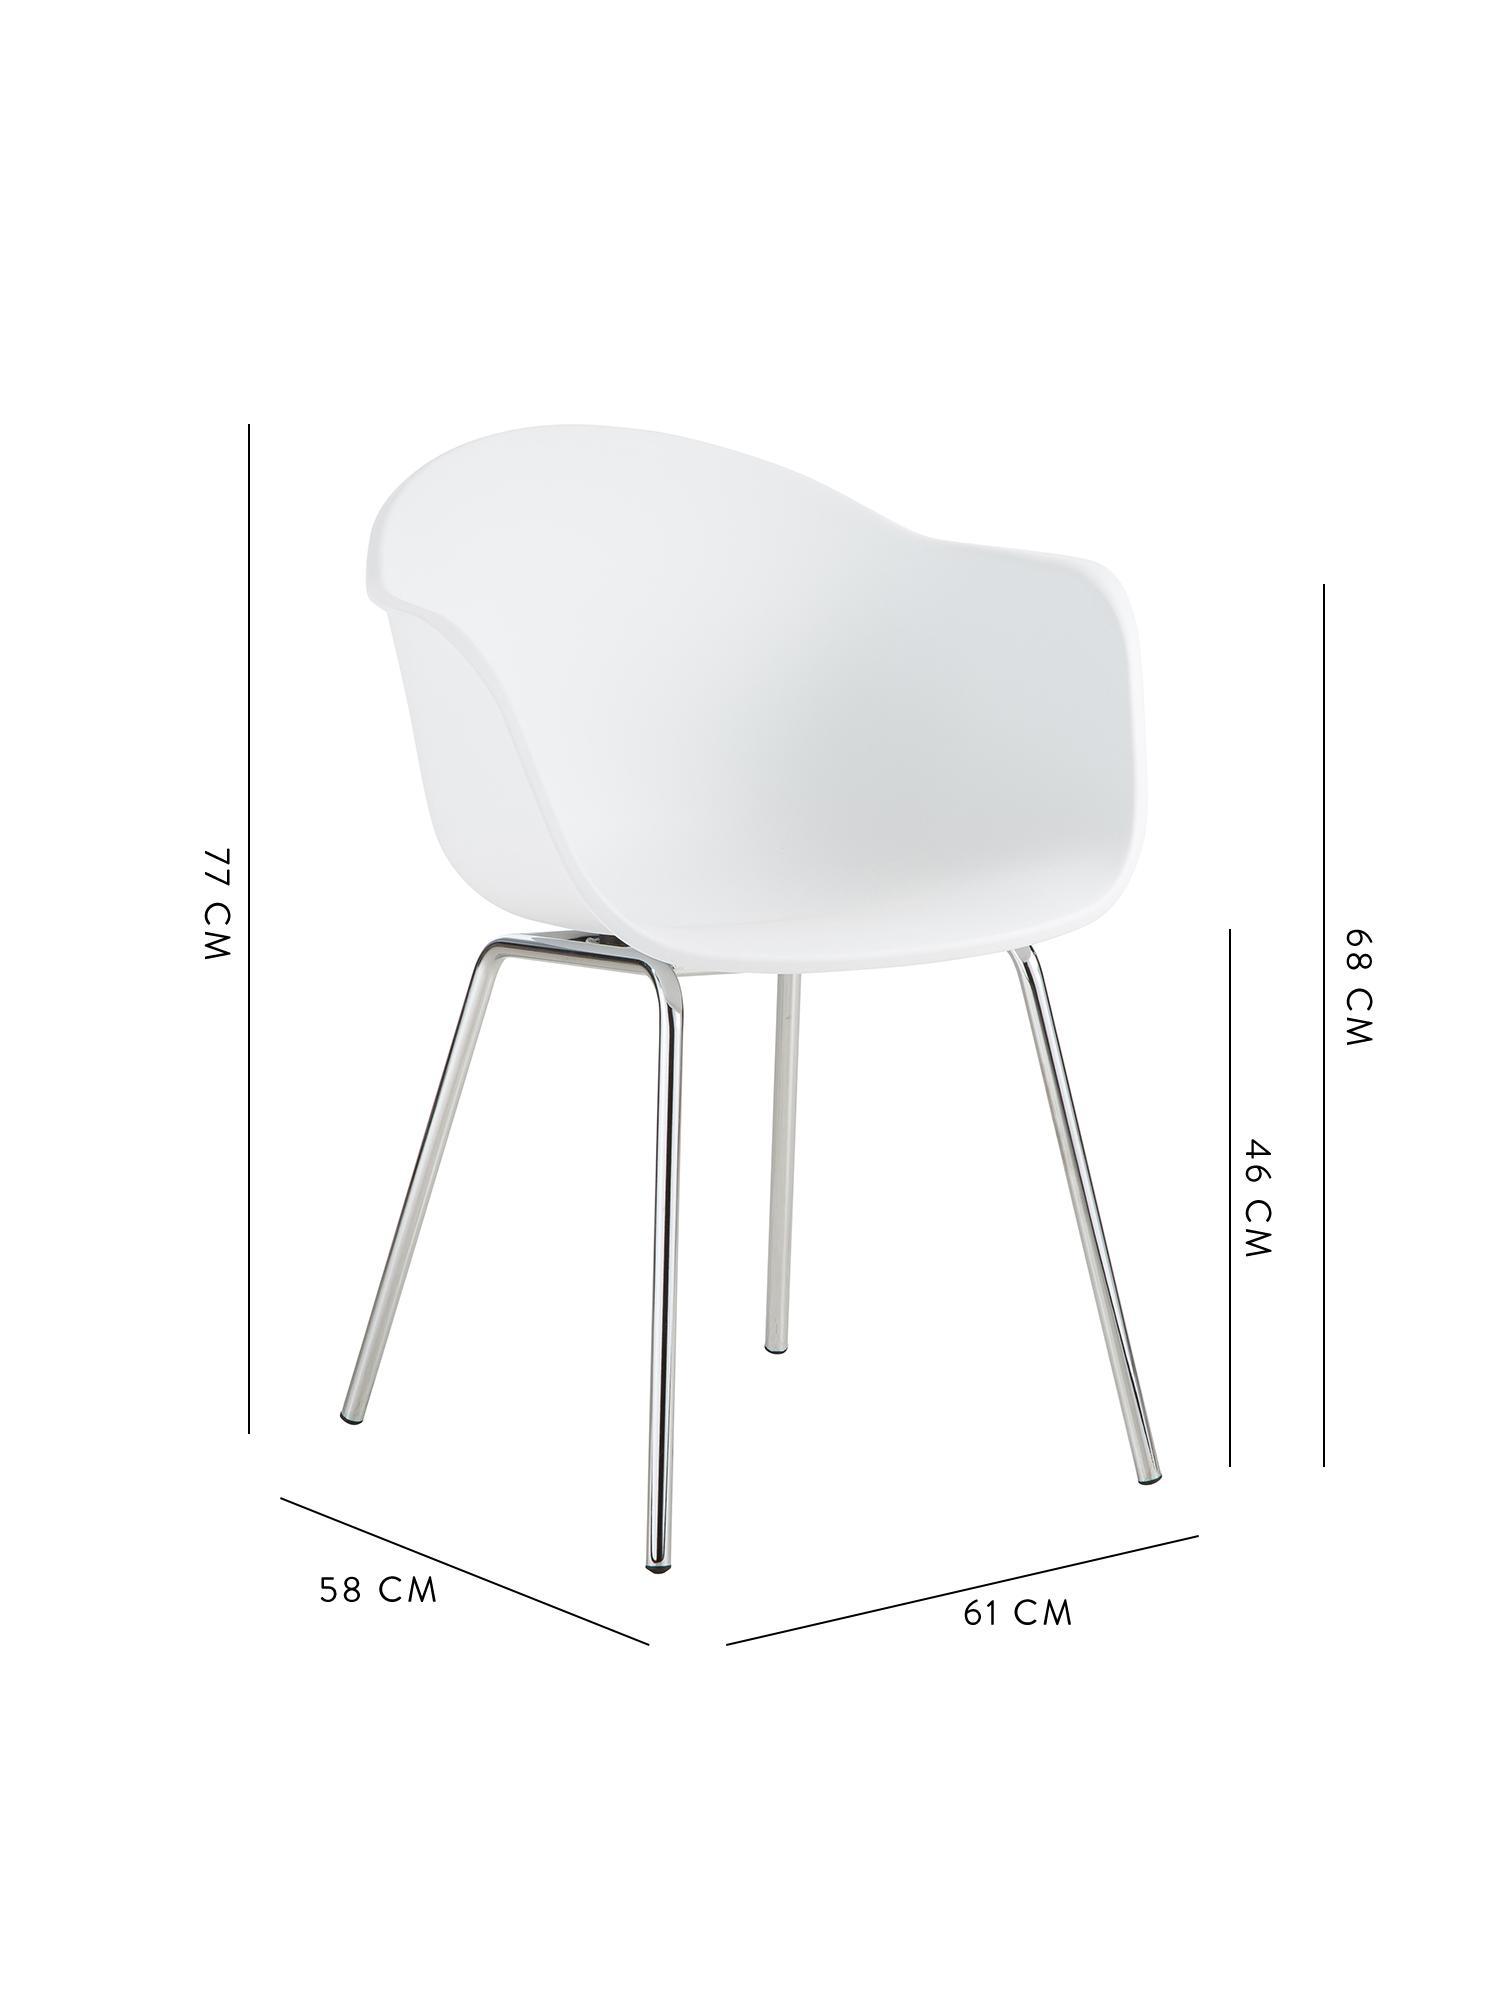 Sedia con braccioli in plastica con gambe in metallo Claire, Seduta: materiale sintetico, Gambe: metallo zincato, Bianco, argento, Larg. 54 x Prof. 60 cm